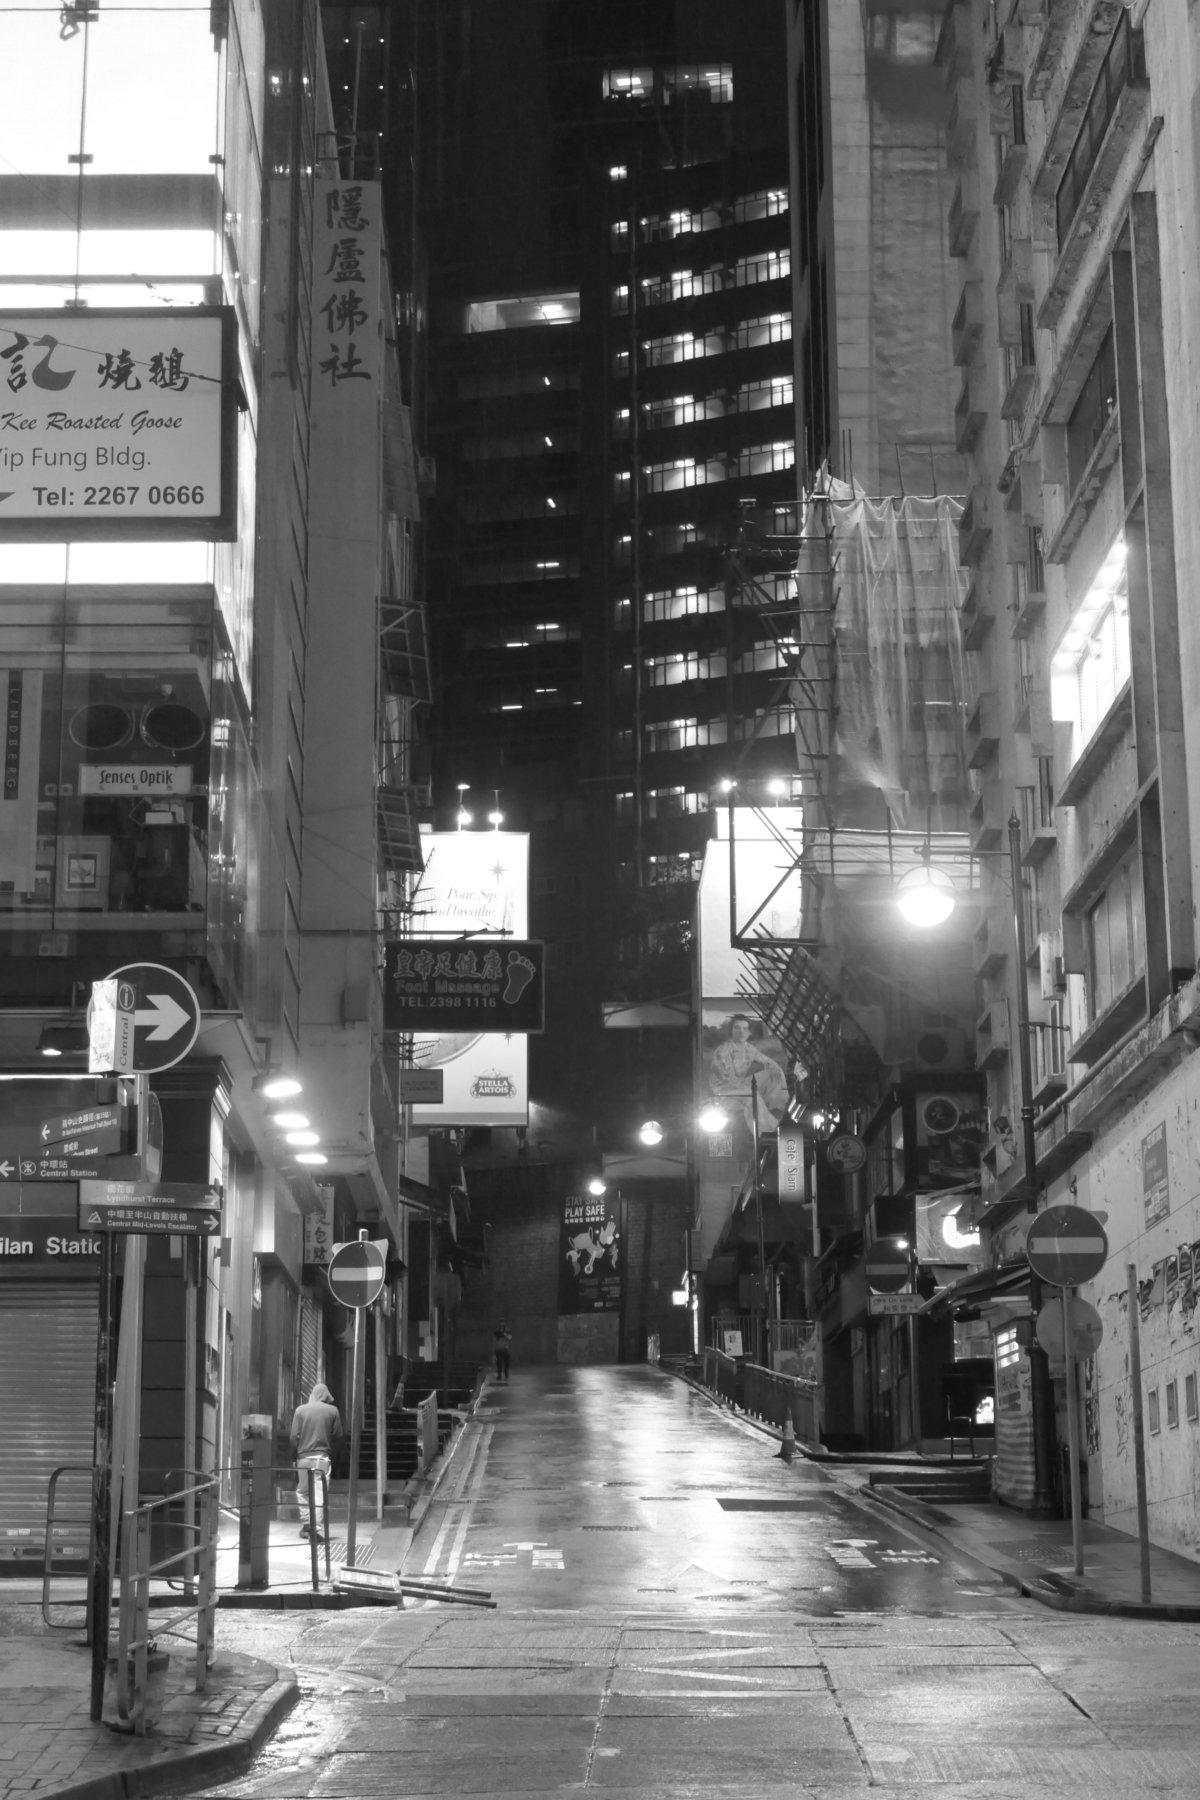 2020年4月5日星期日,是香港七人欖球賽原定舉行的最後一天,蘭桂坊本來會水洩不通。今年,中環的街道因為限聚令和多項公眾活動取消變得杳無人煙。(攝於2020年4月5日晚上10時30分,香港中環德忌笠街。照片由作者提供)